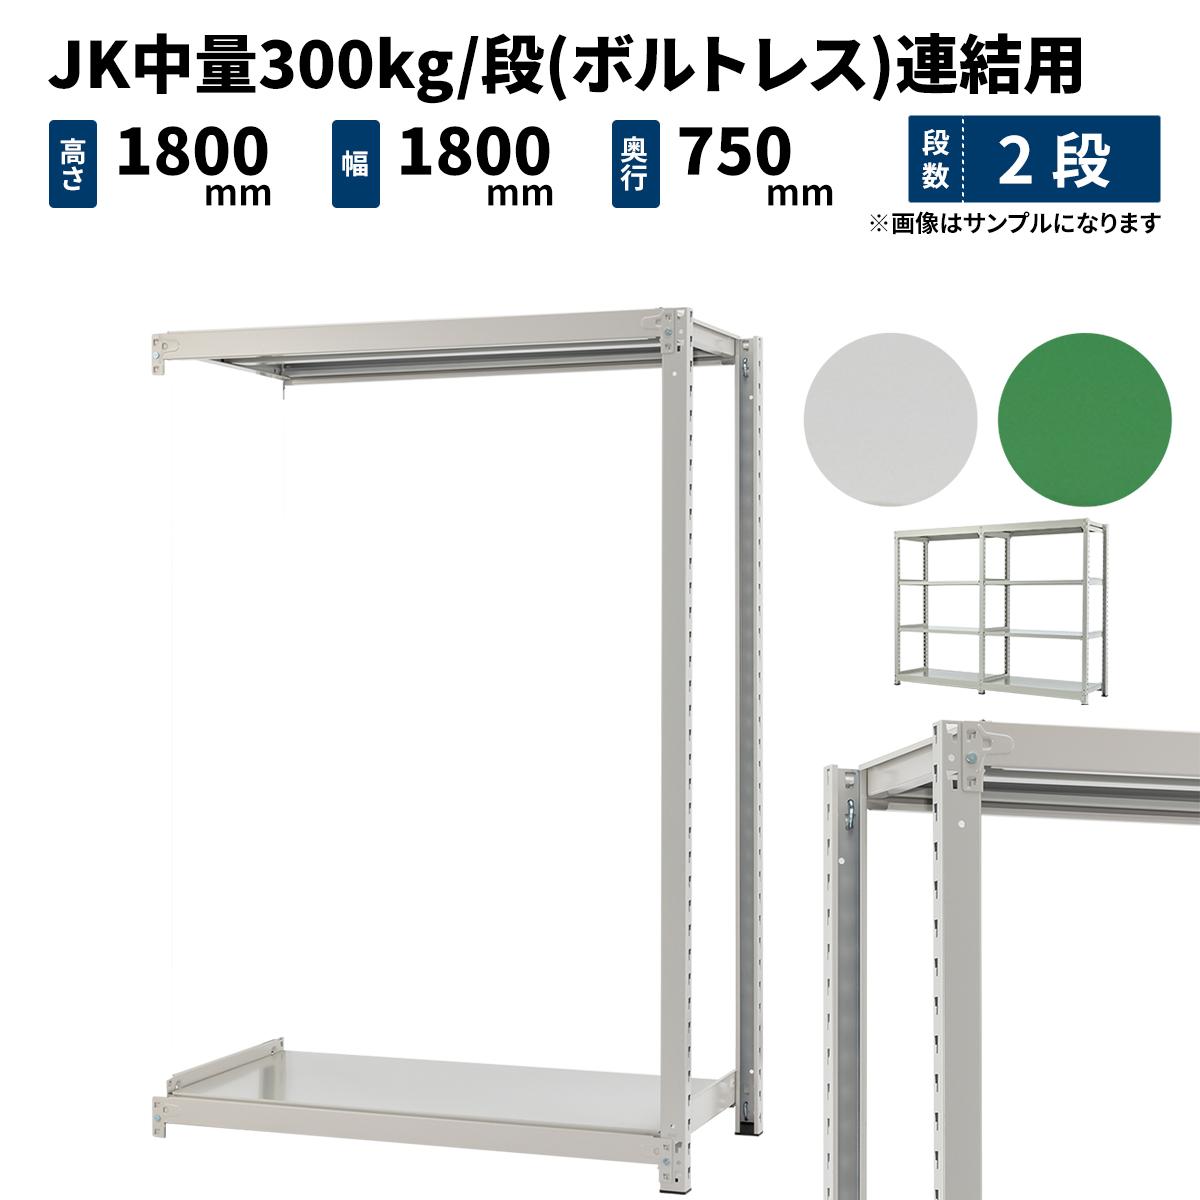 スチールラック 業務用 JK中量300kg/段(ボルトレス) 連結形式 高さ1800×幅1800×奥行750mm 2段 ホワイトグレー/グリーン (56kg) JK300_R-181875-2